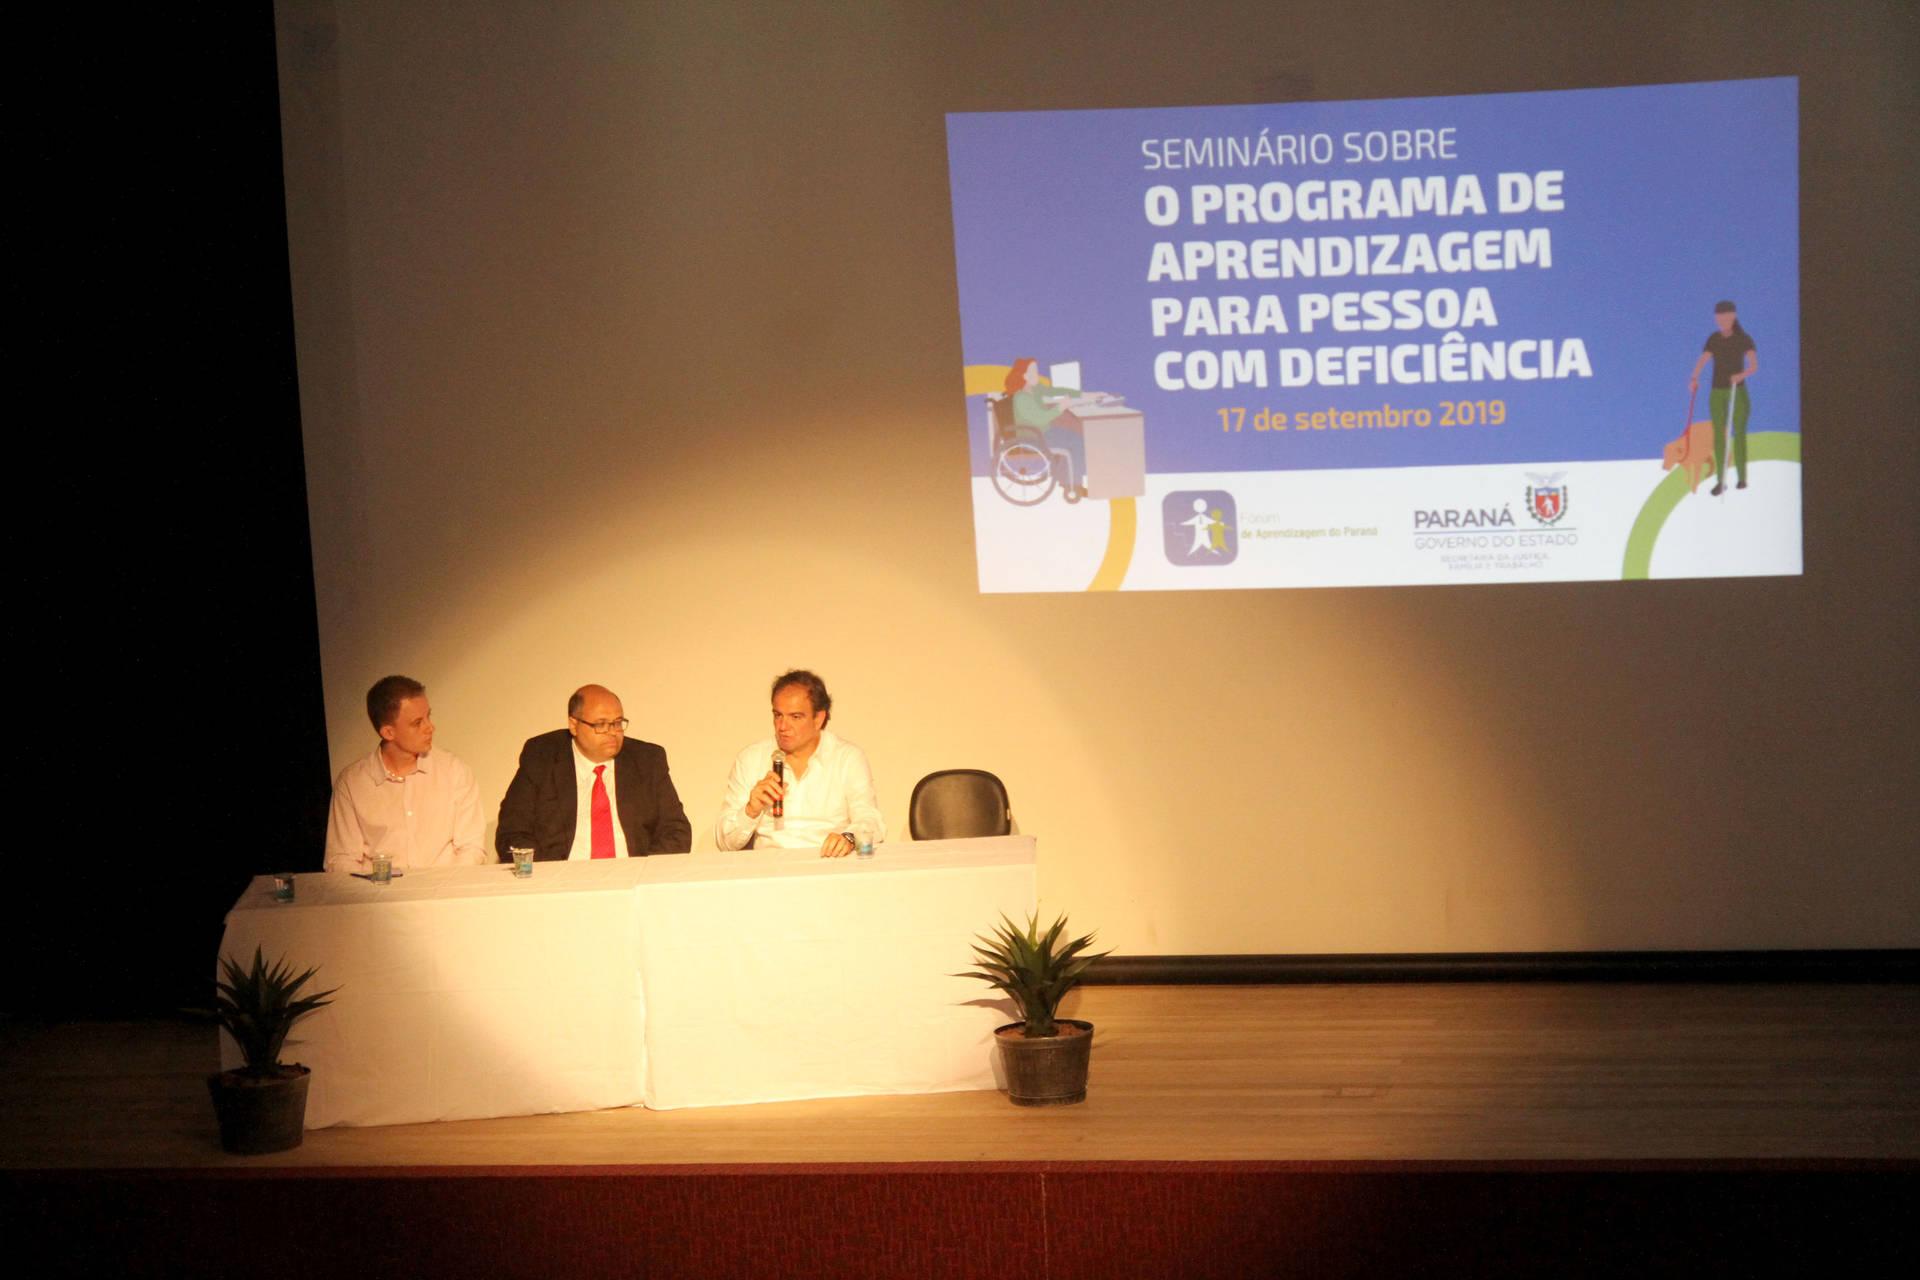 Evento capacita pessoas que atuam nesta área foi o objetivo do evento, realizado em Curitiba